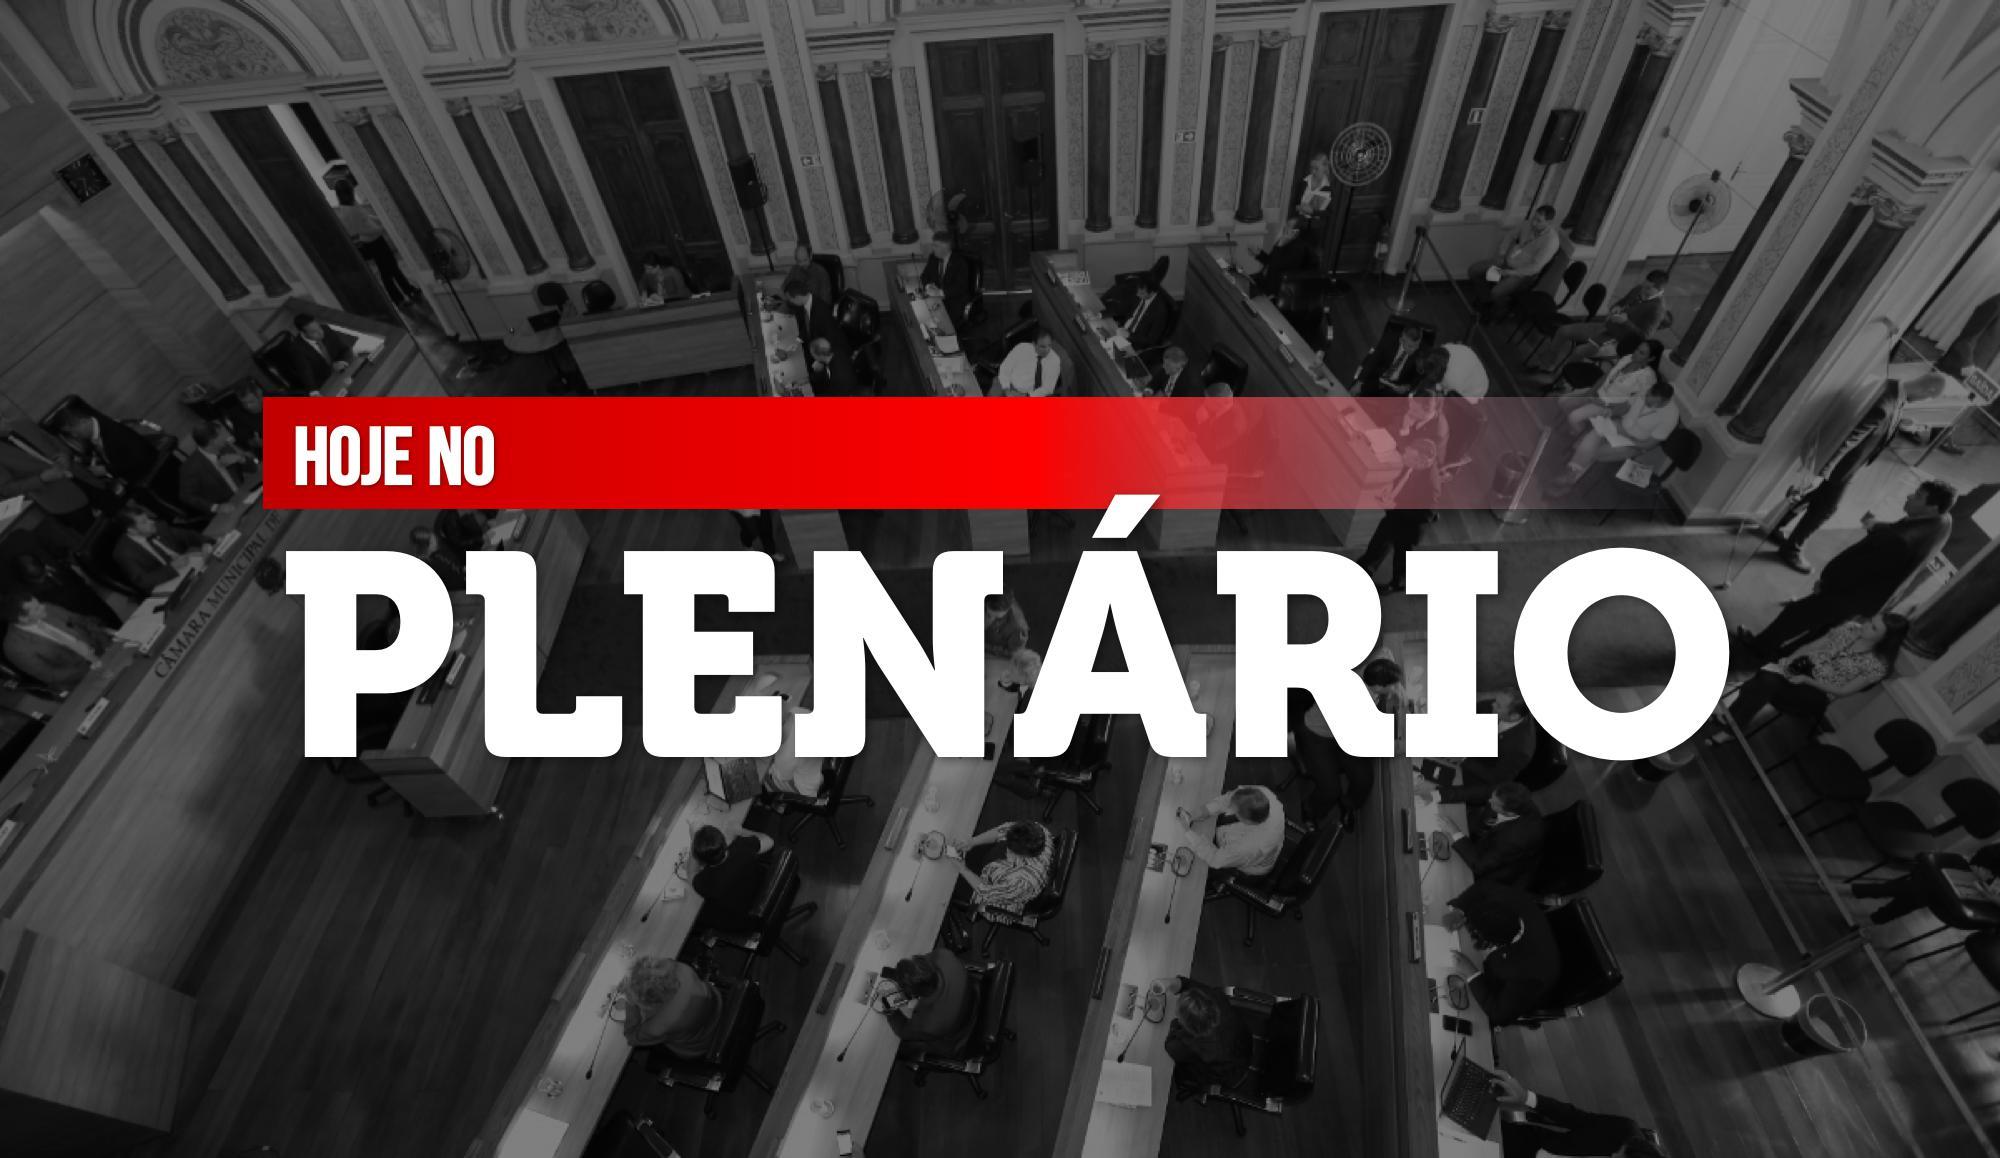 Notas da sessão plenária de 10 de agosto